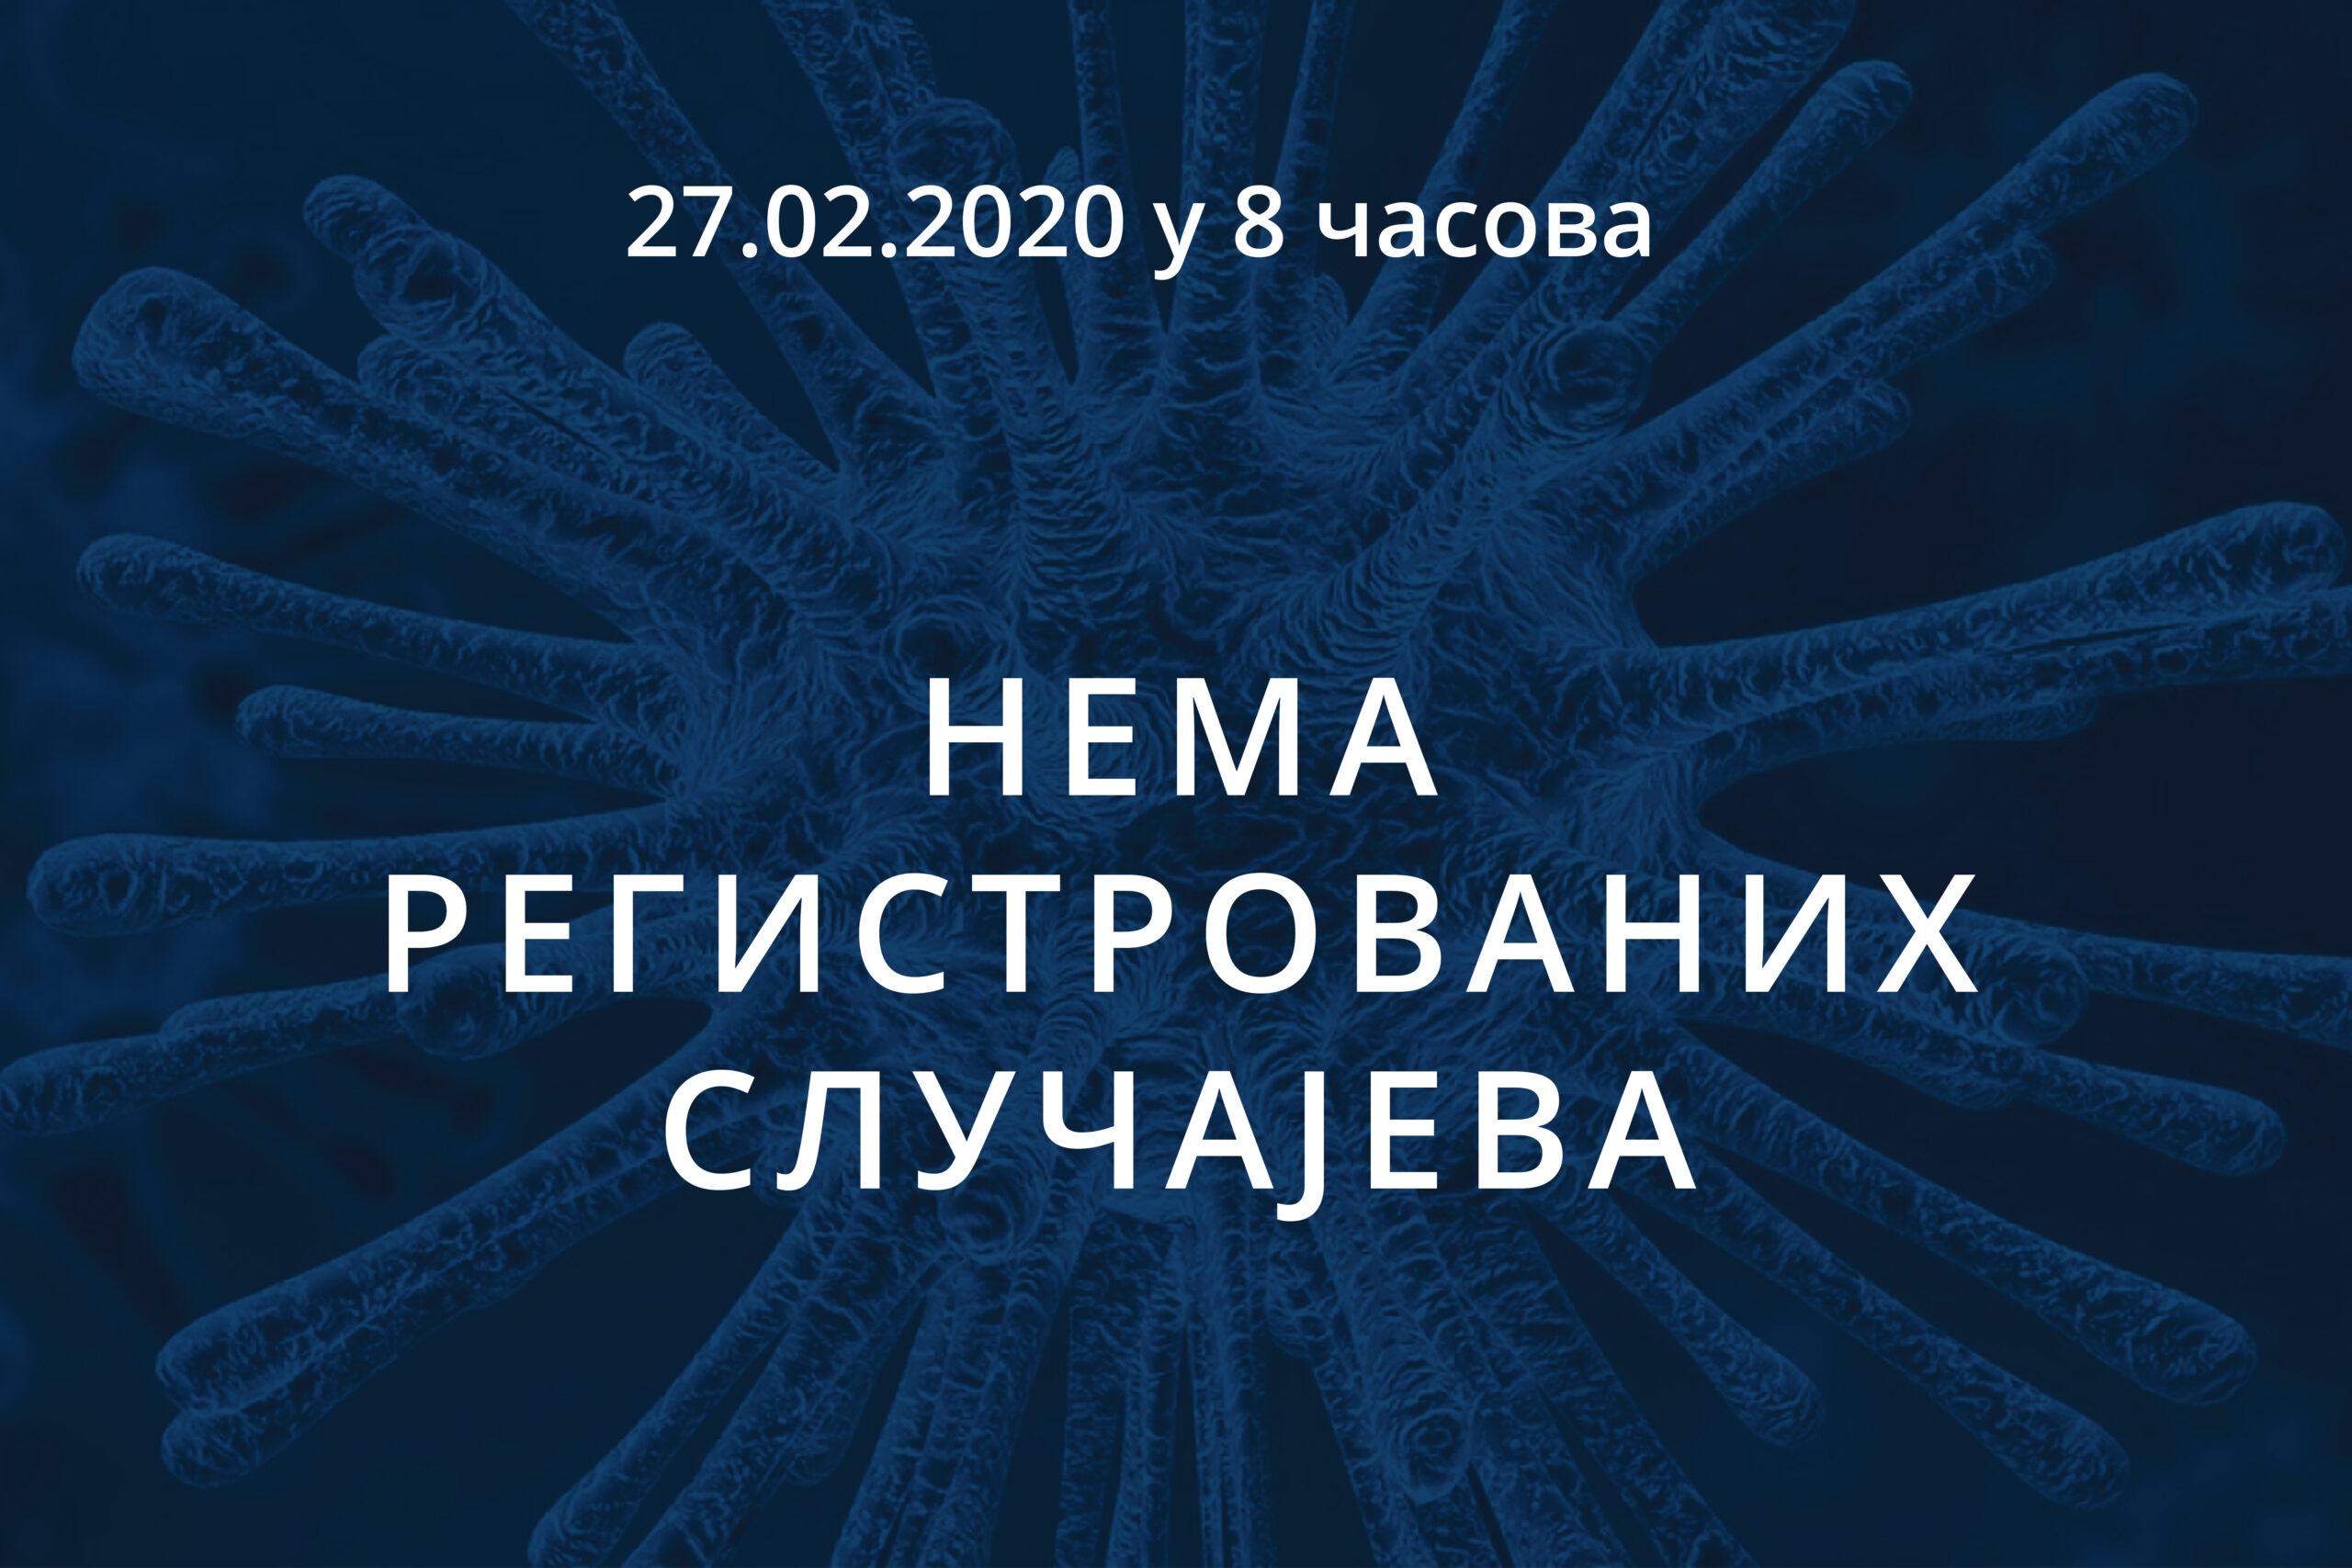 Информације о коронавирусу COVID-19, 27.02.2020 у 8 часова